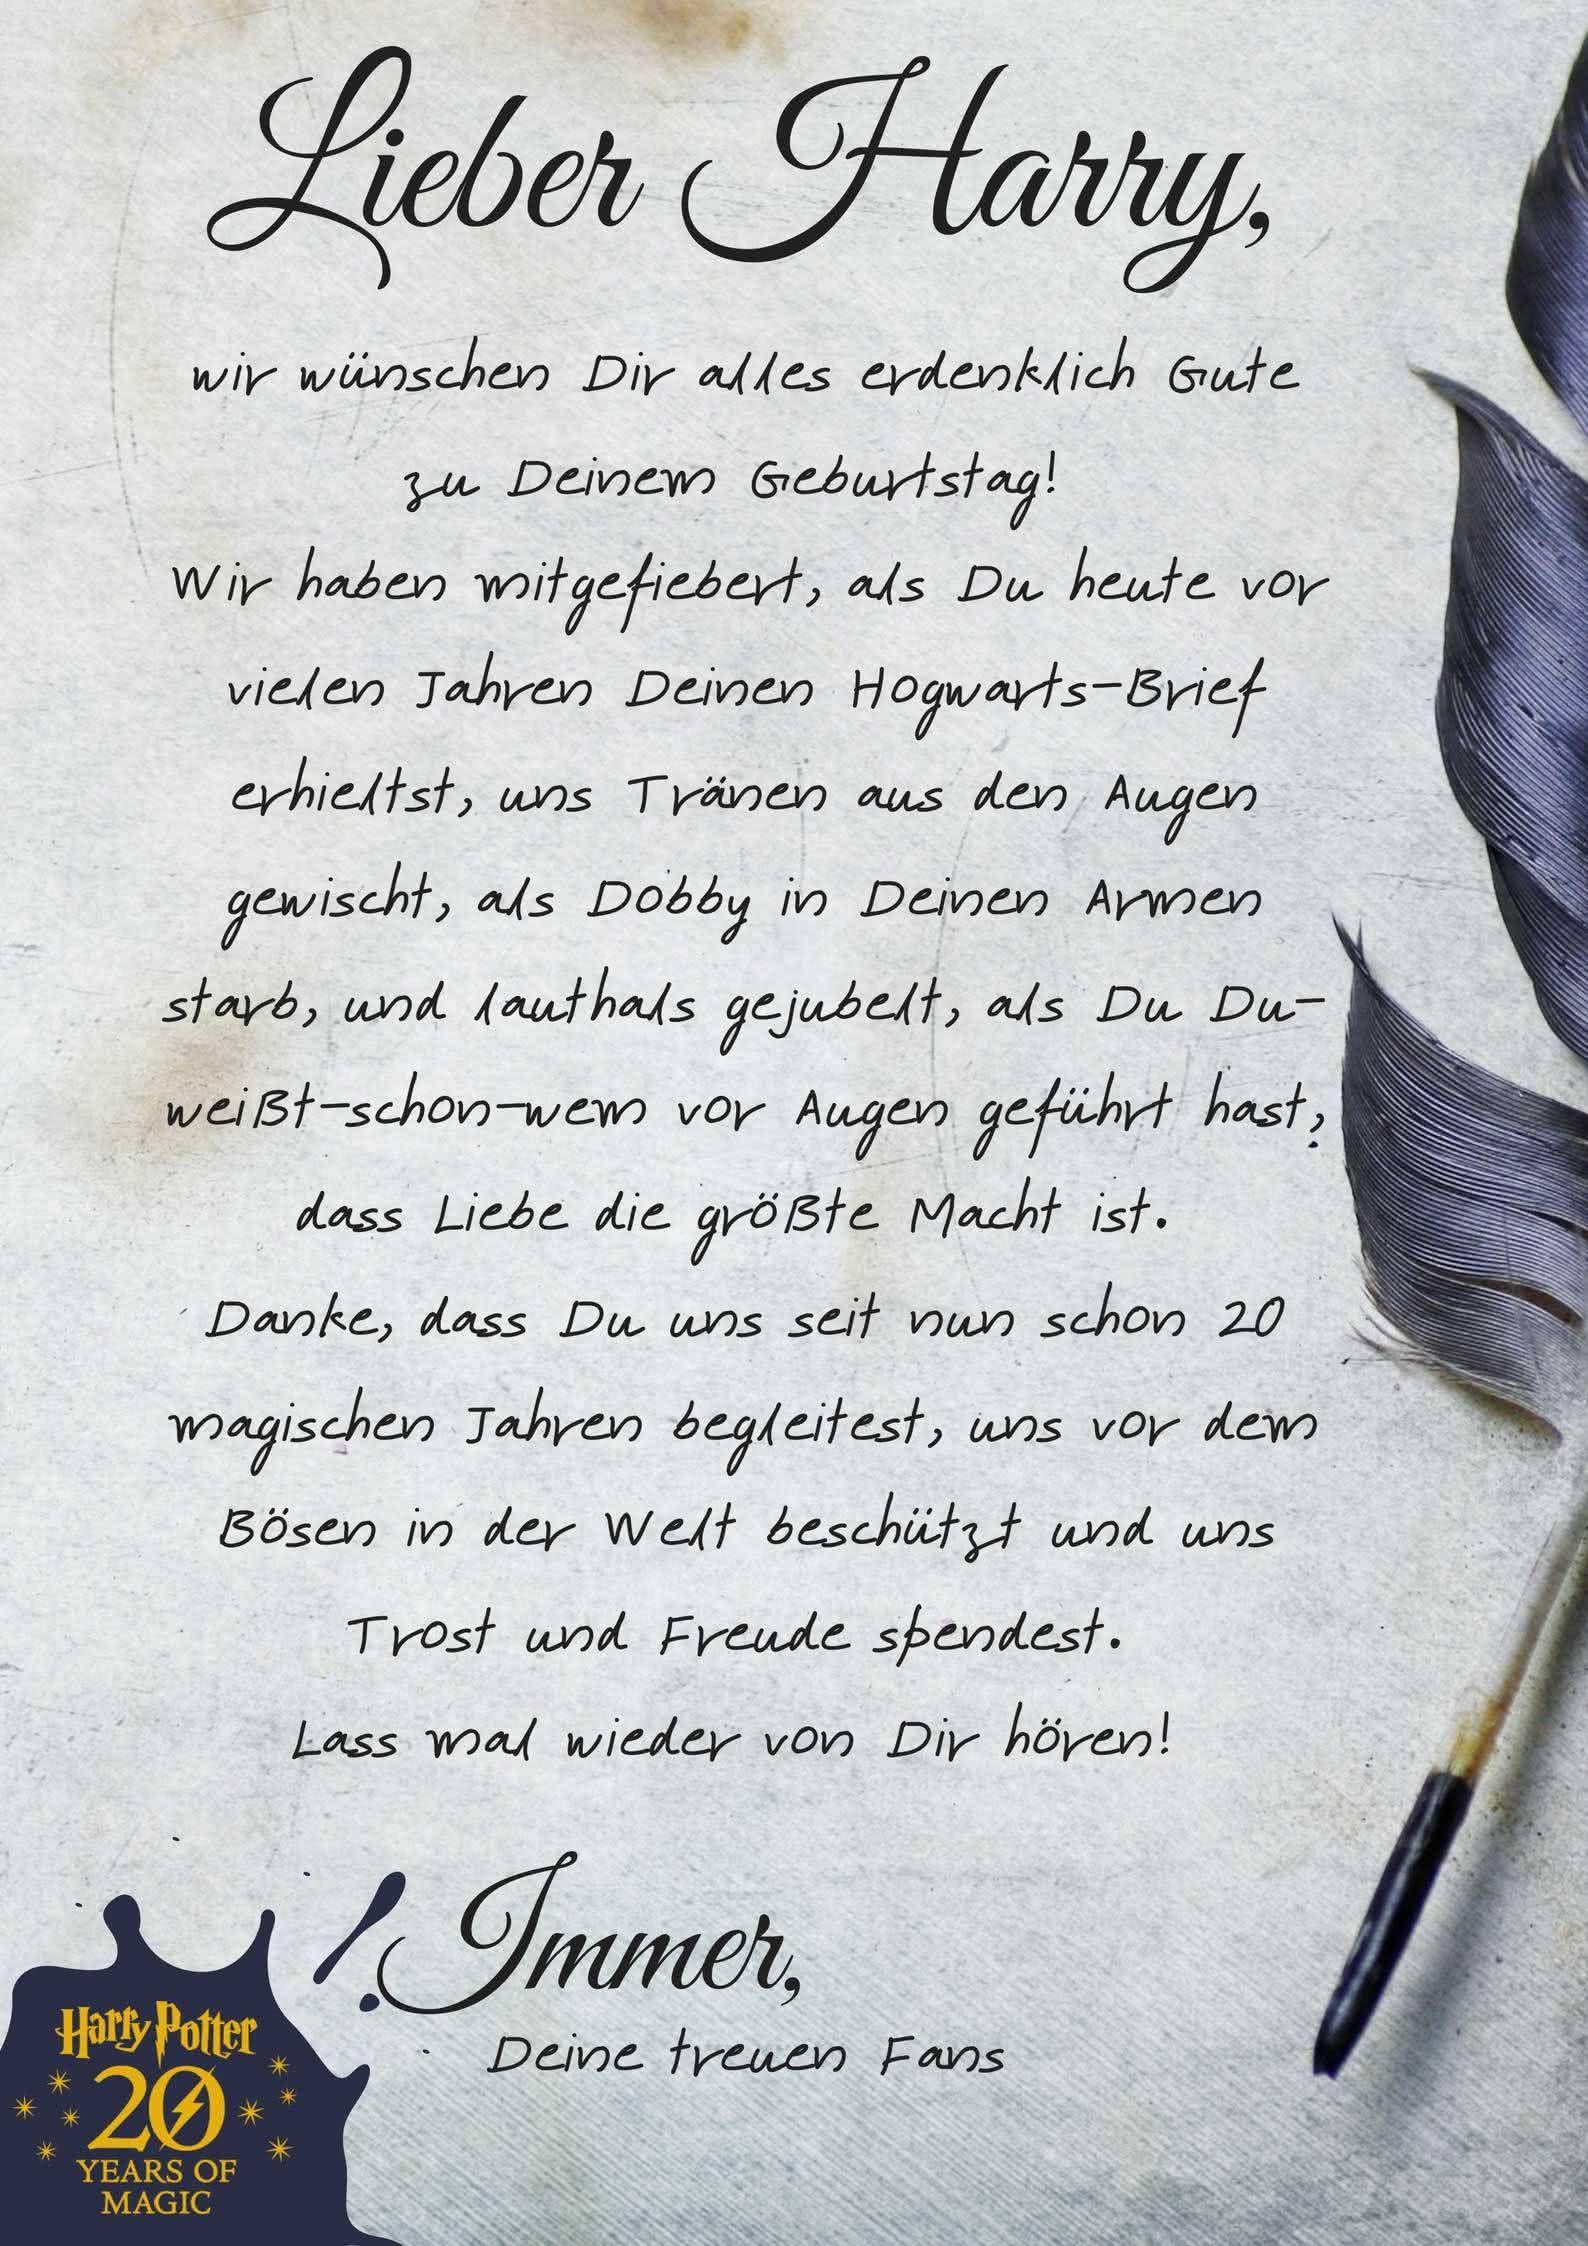 So Feiert Man Einen Harry Potter Geburtstag Harry Potter Harry Potter Geburtstag Geburtstag Gute Zum Geburtstag